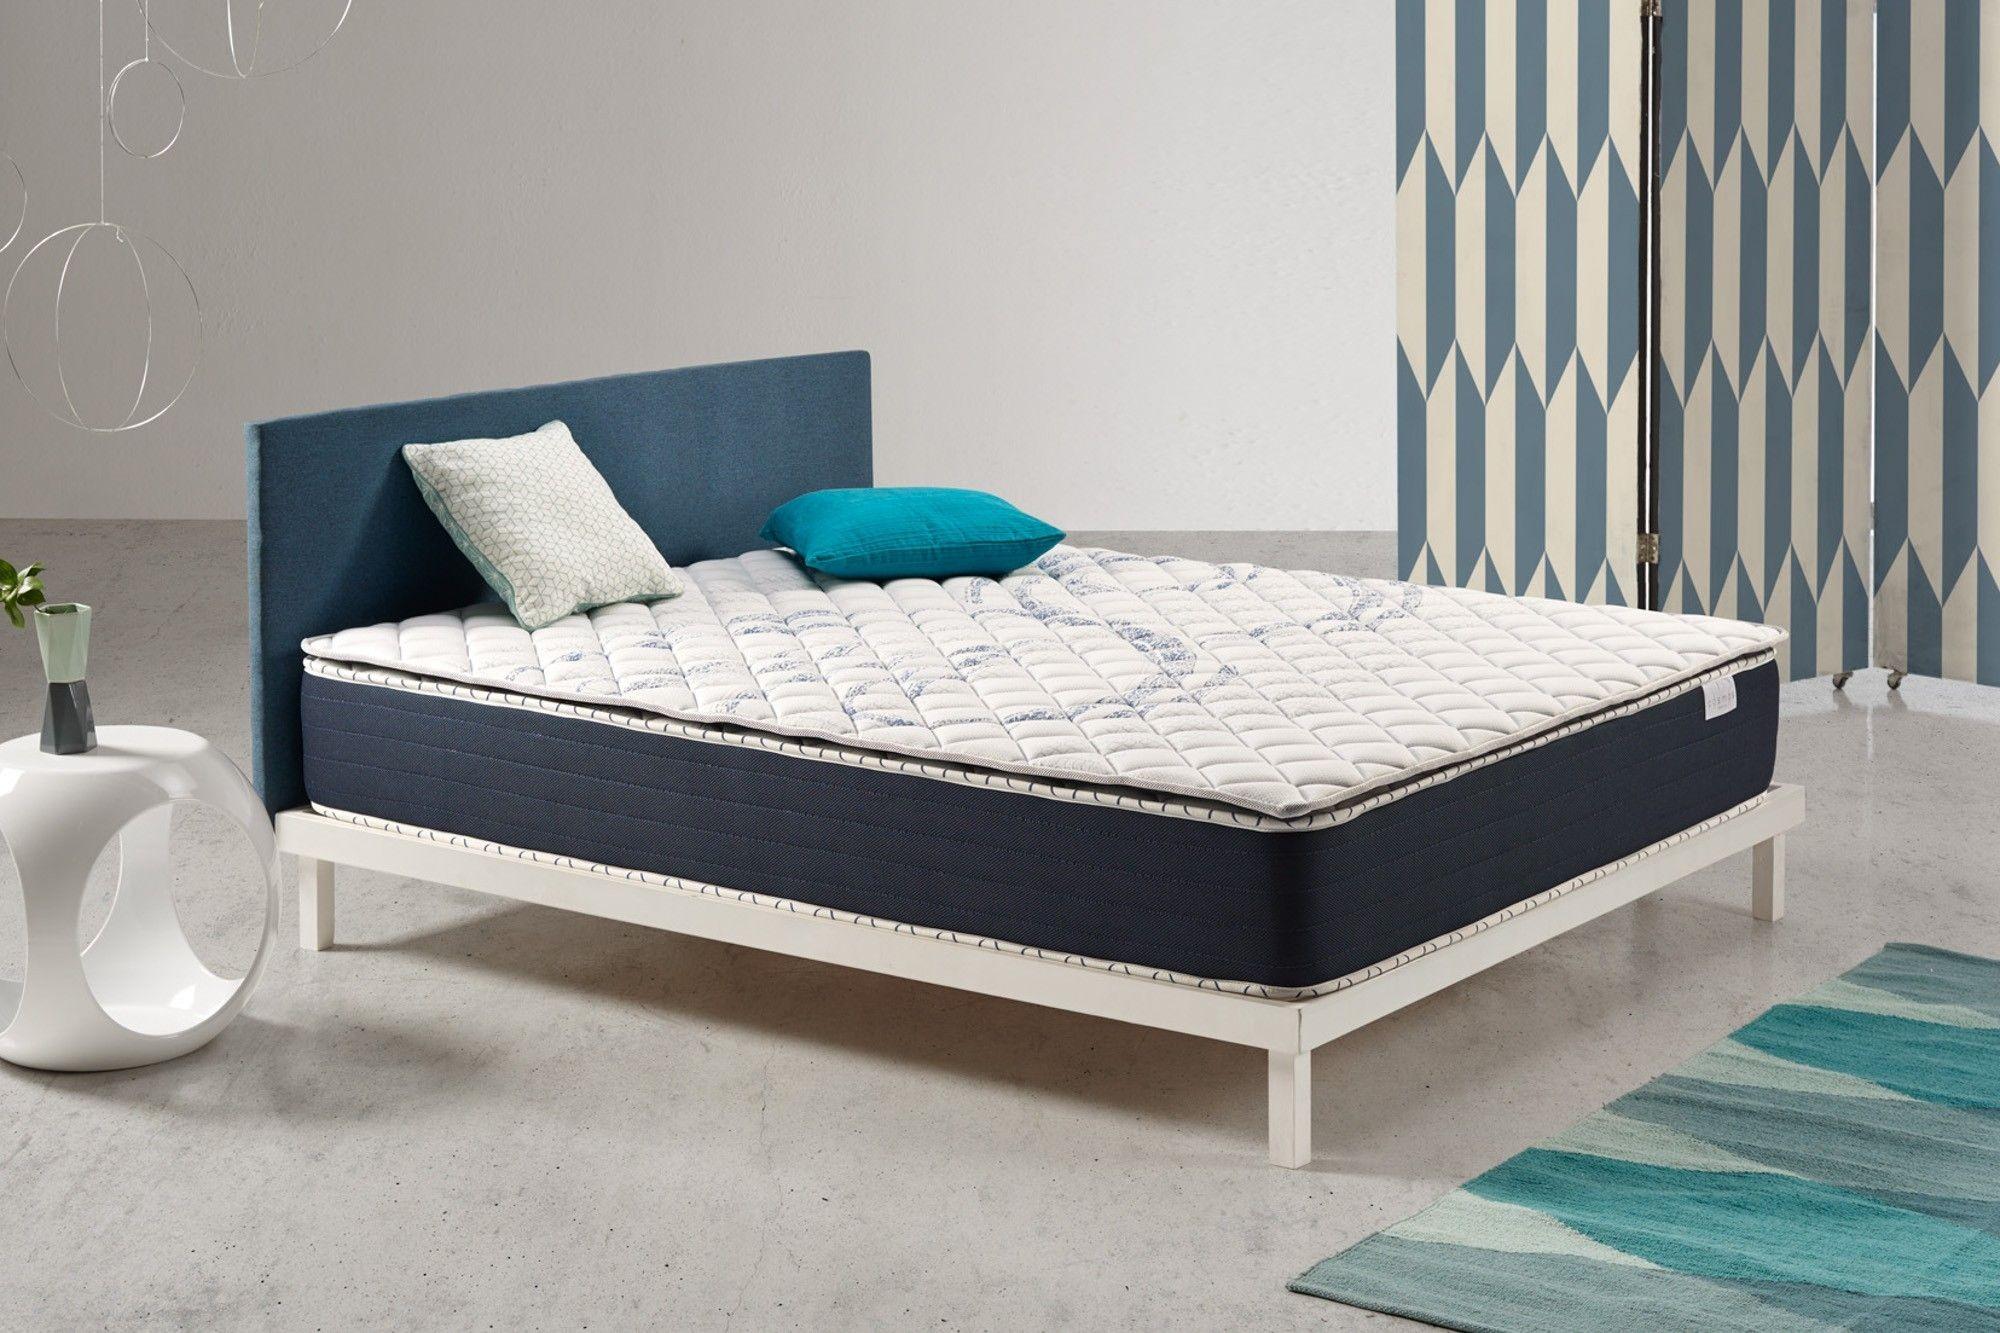 El topper de colchón de alto confort Atlas tiene espuma de memoria de alta densidad tanto en el lado de verano como en el de invierno.